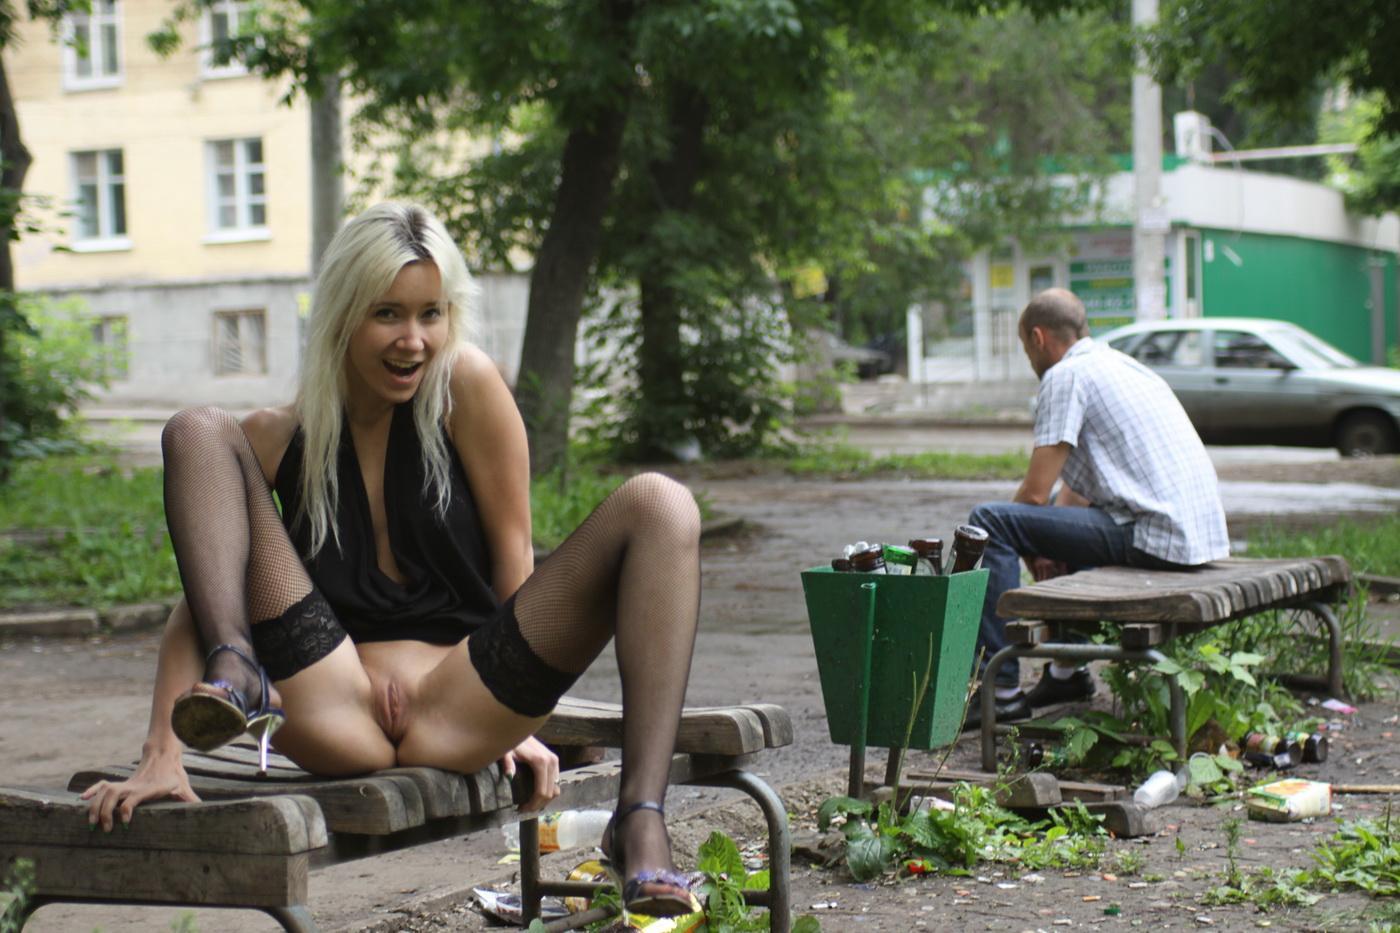 Фото порно в общественном месте